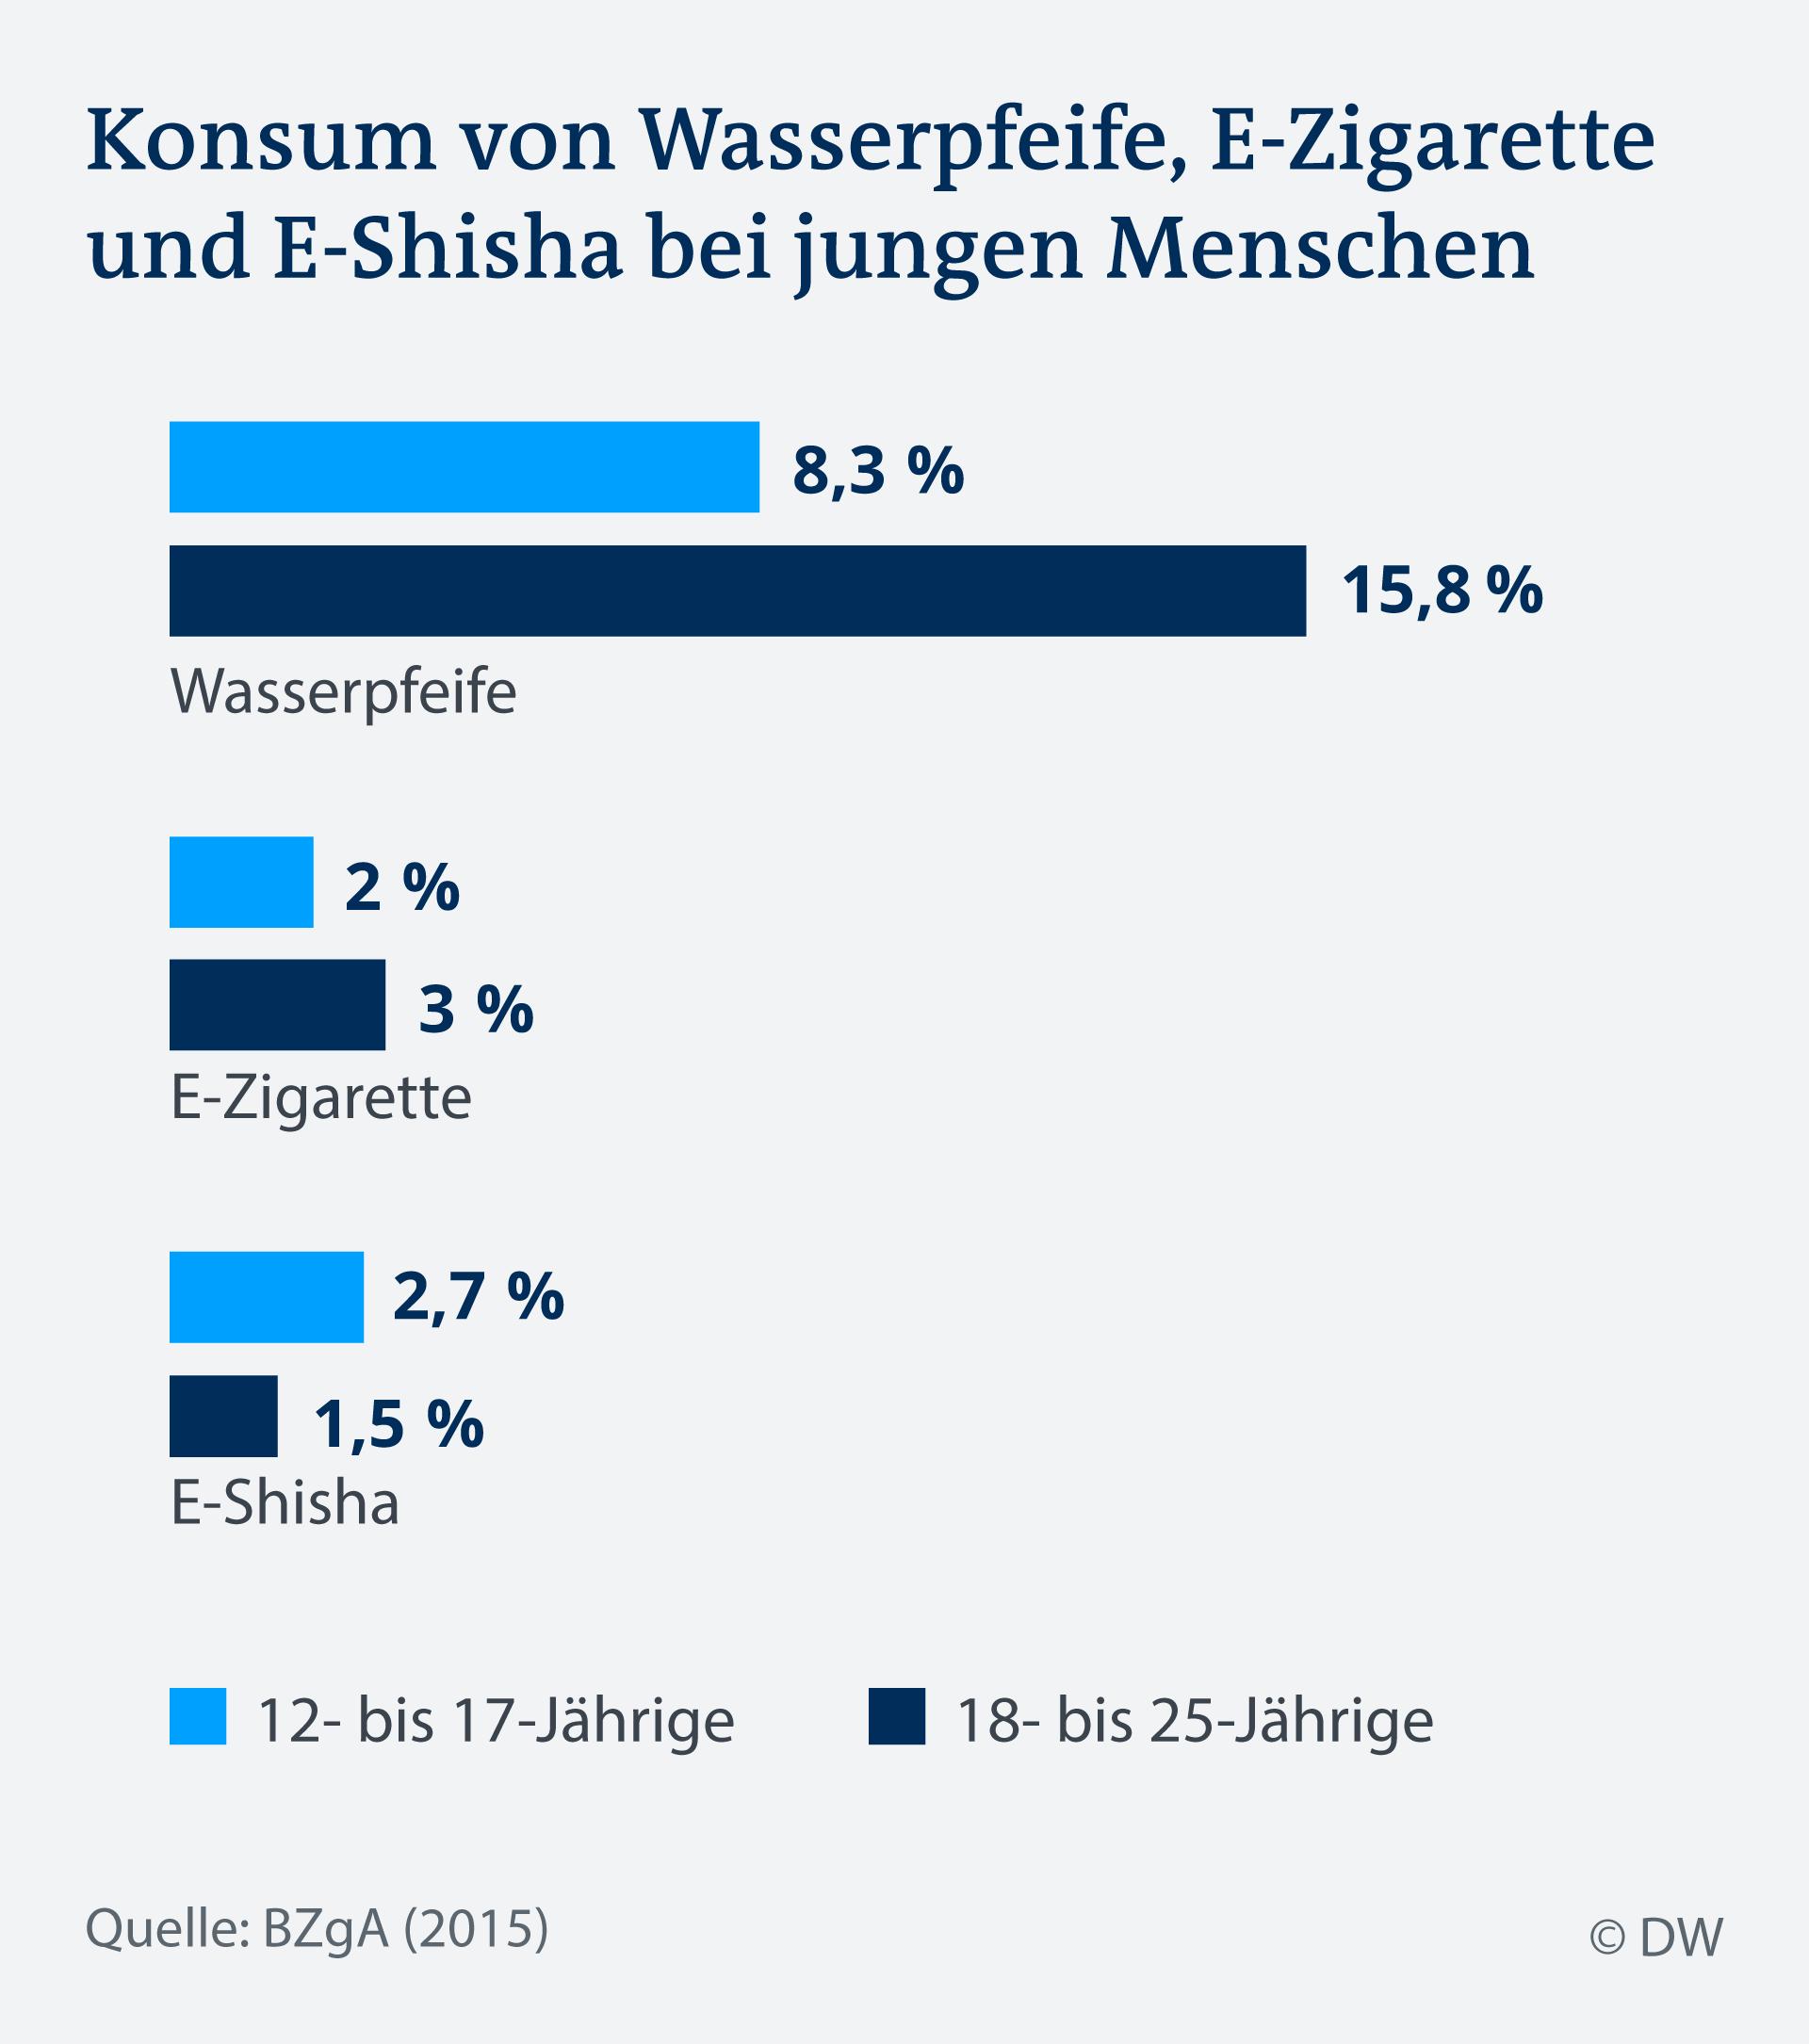 Infografik Konsum Wasserpfeife, E-Zigarette, E-Sisha DE